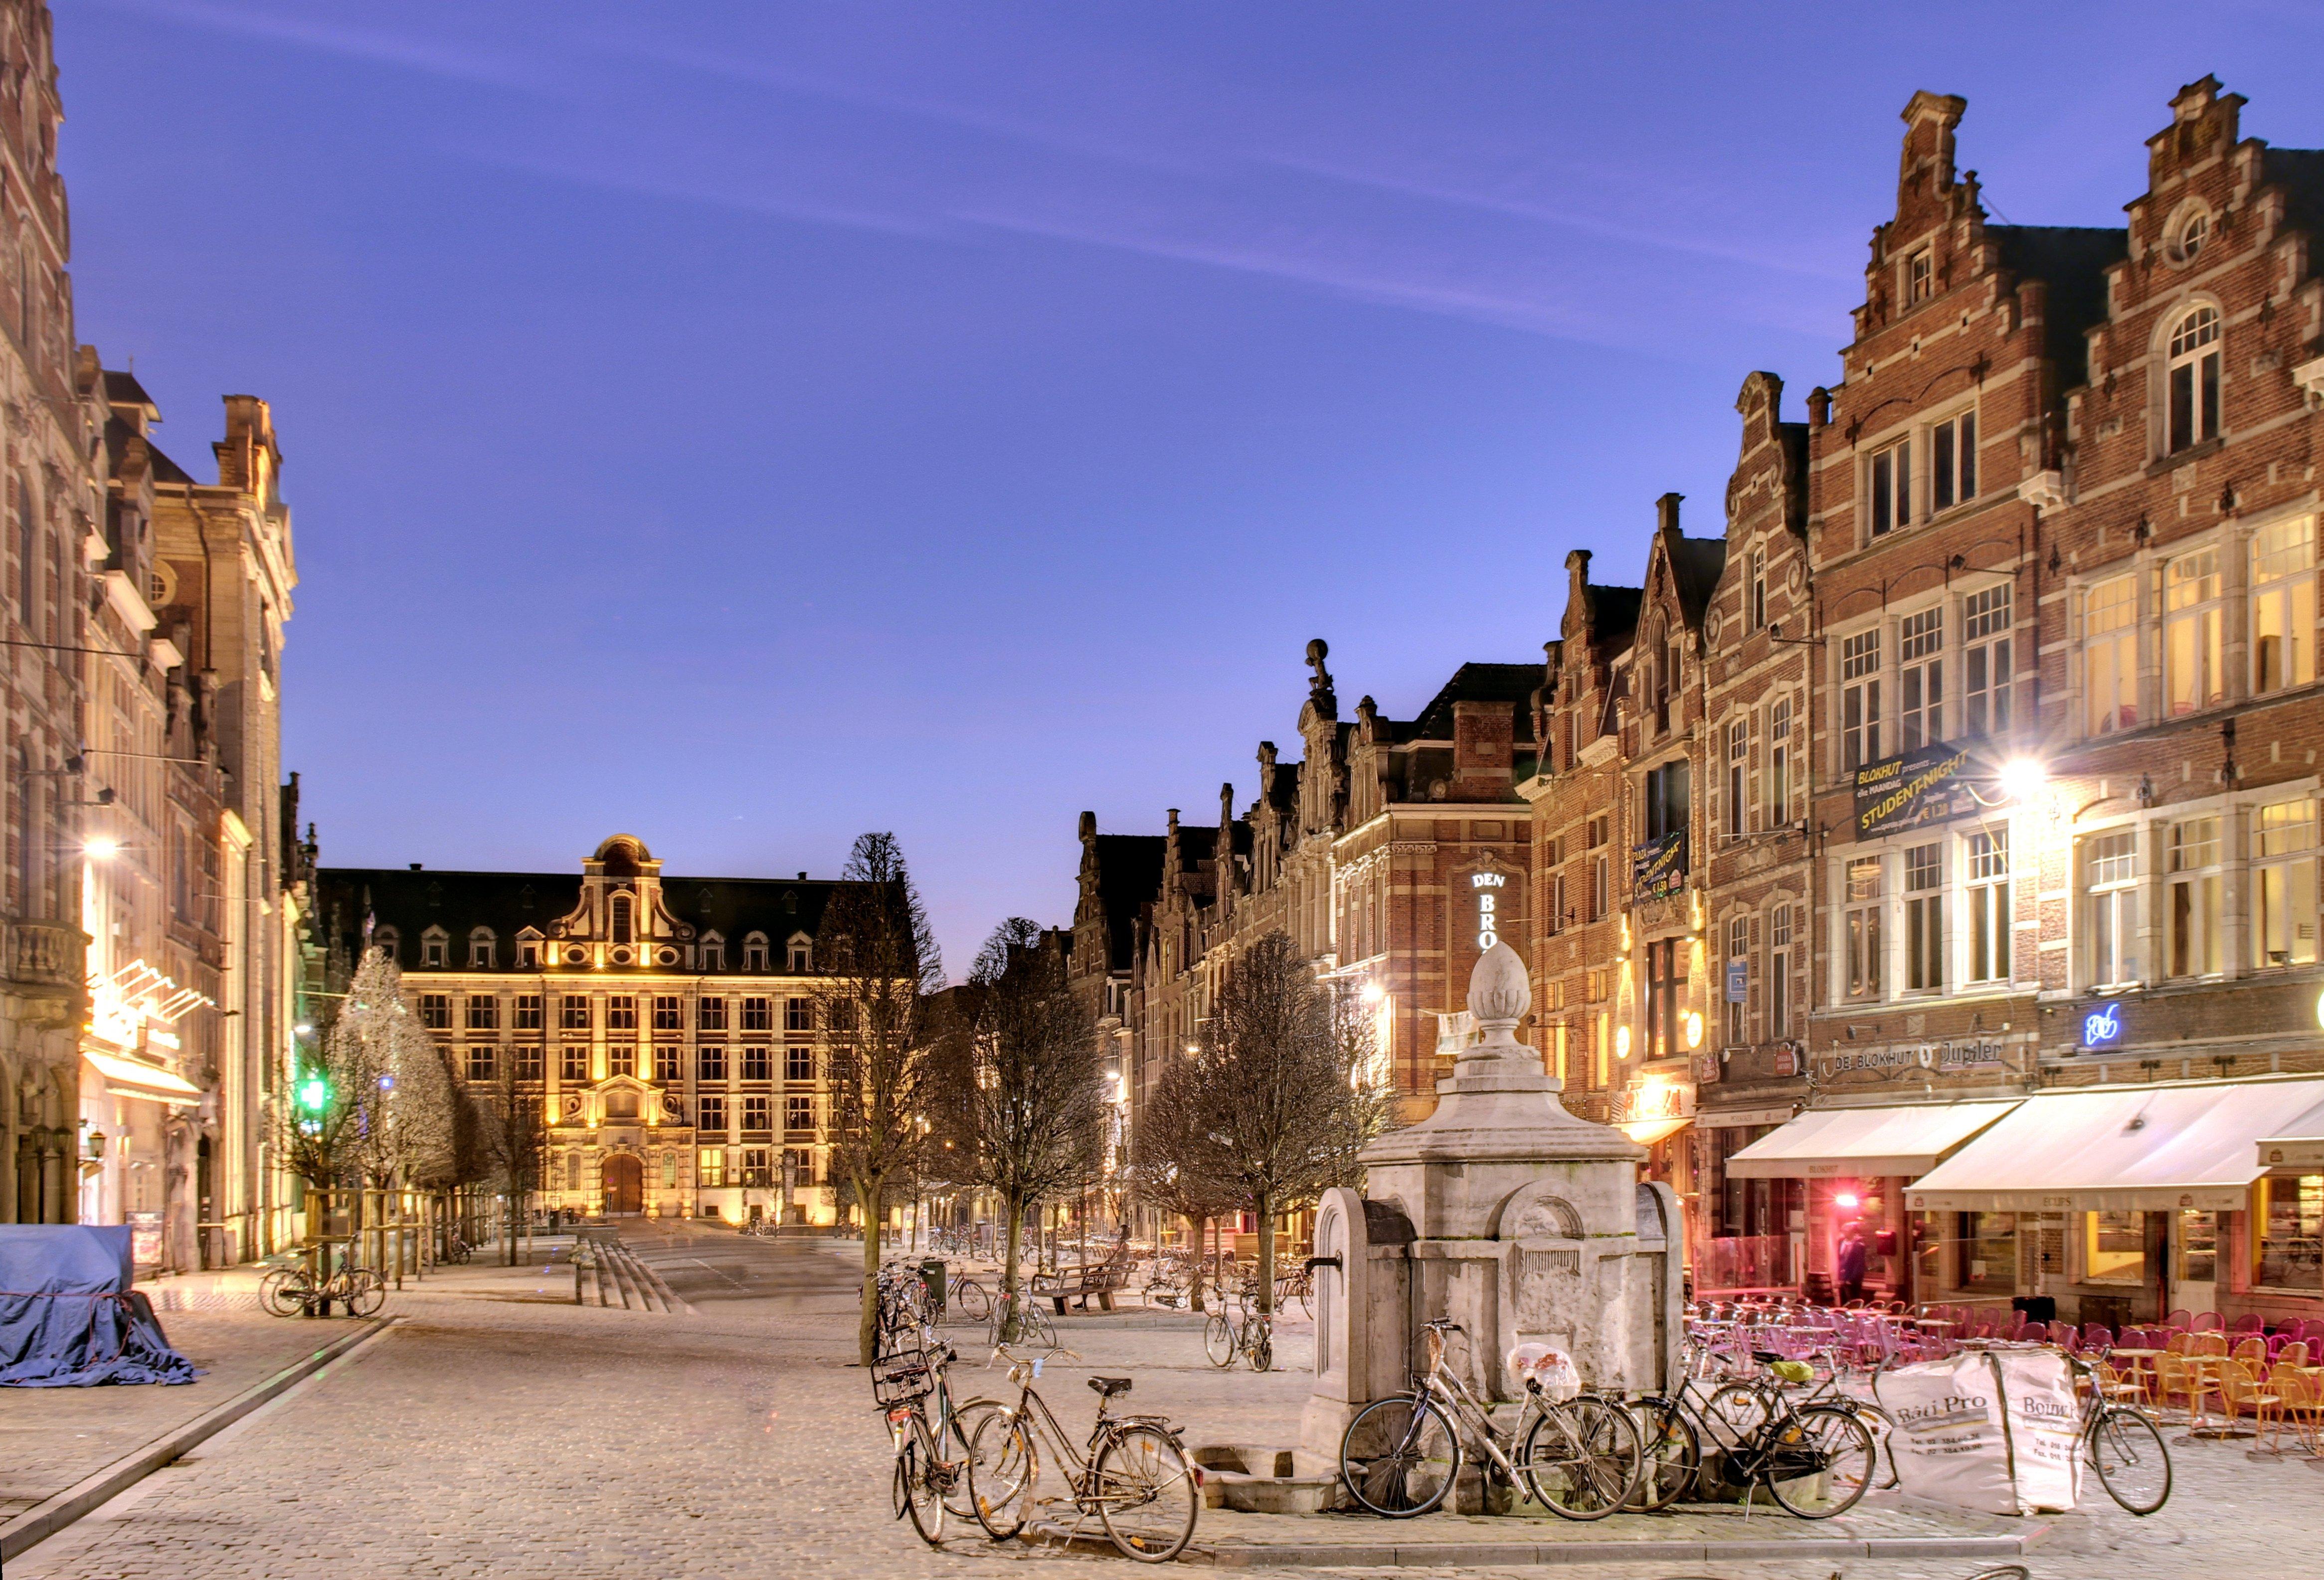 Old_market_Leuven_-_panoramio[1]